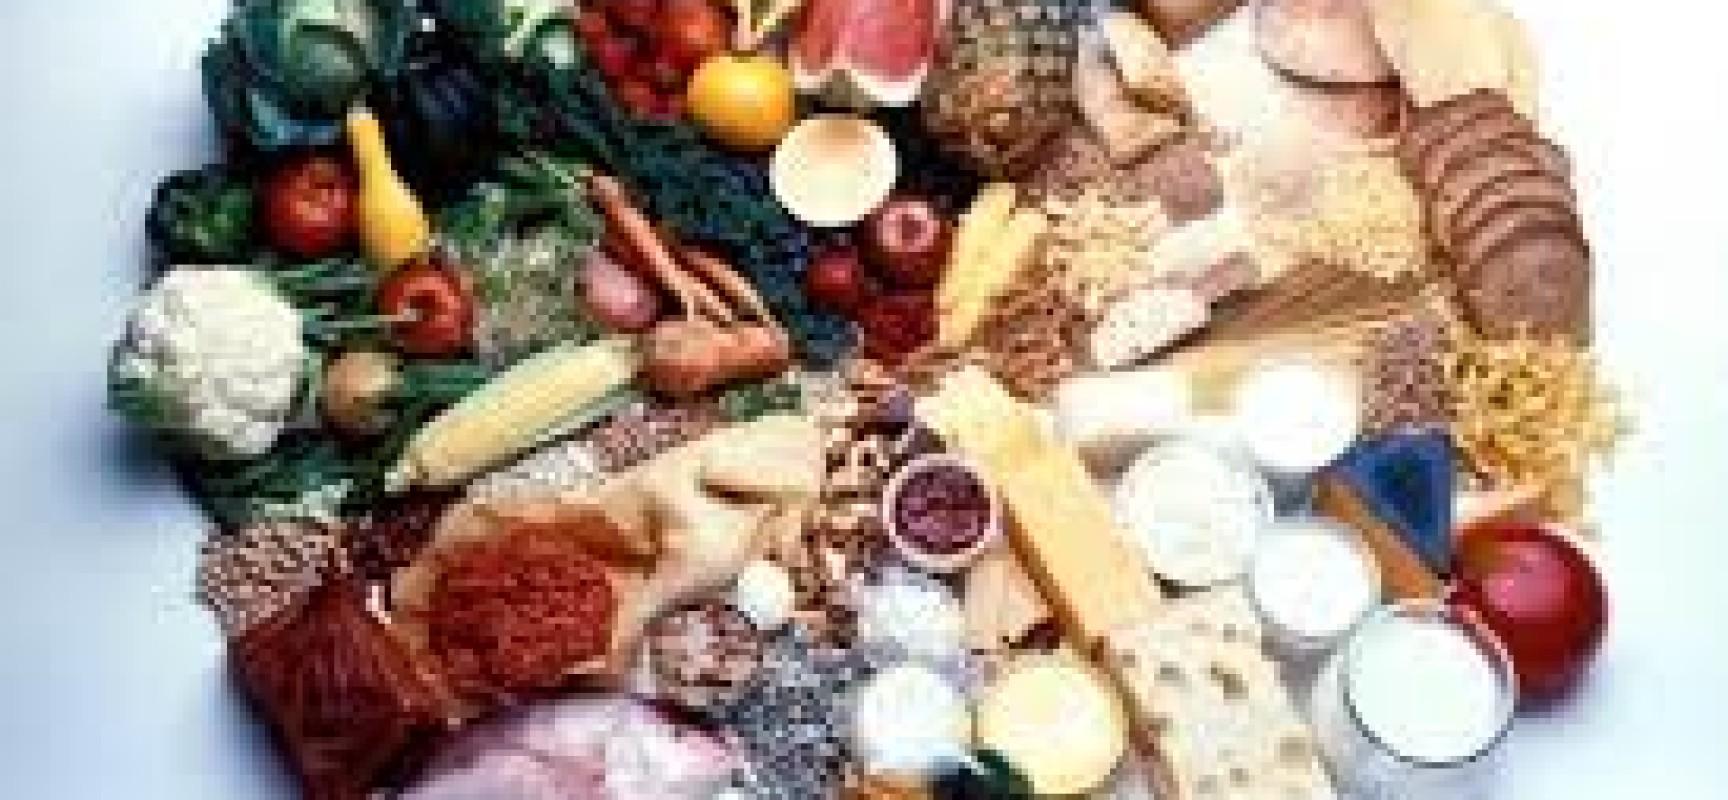 Nutrizione&Social, vizi e virtù una ricerca li svela